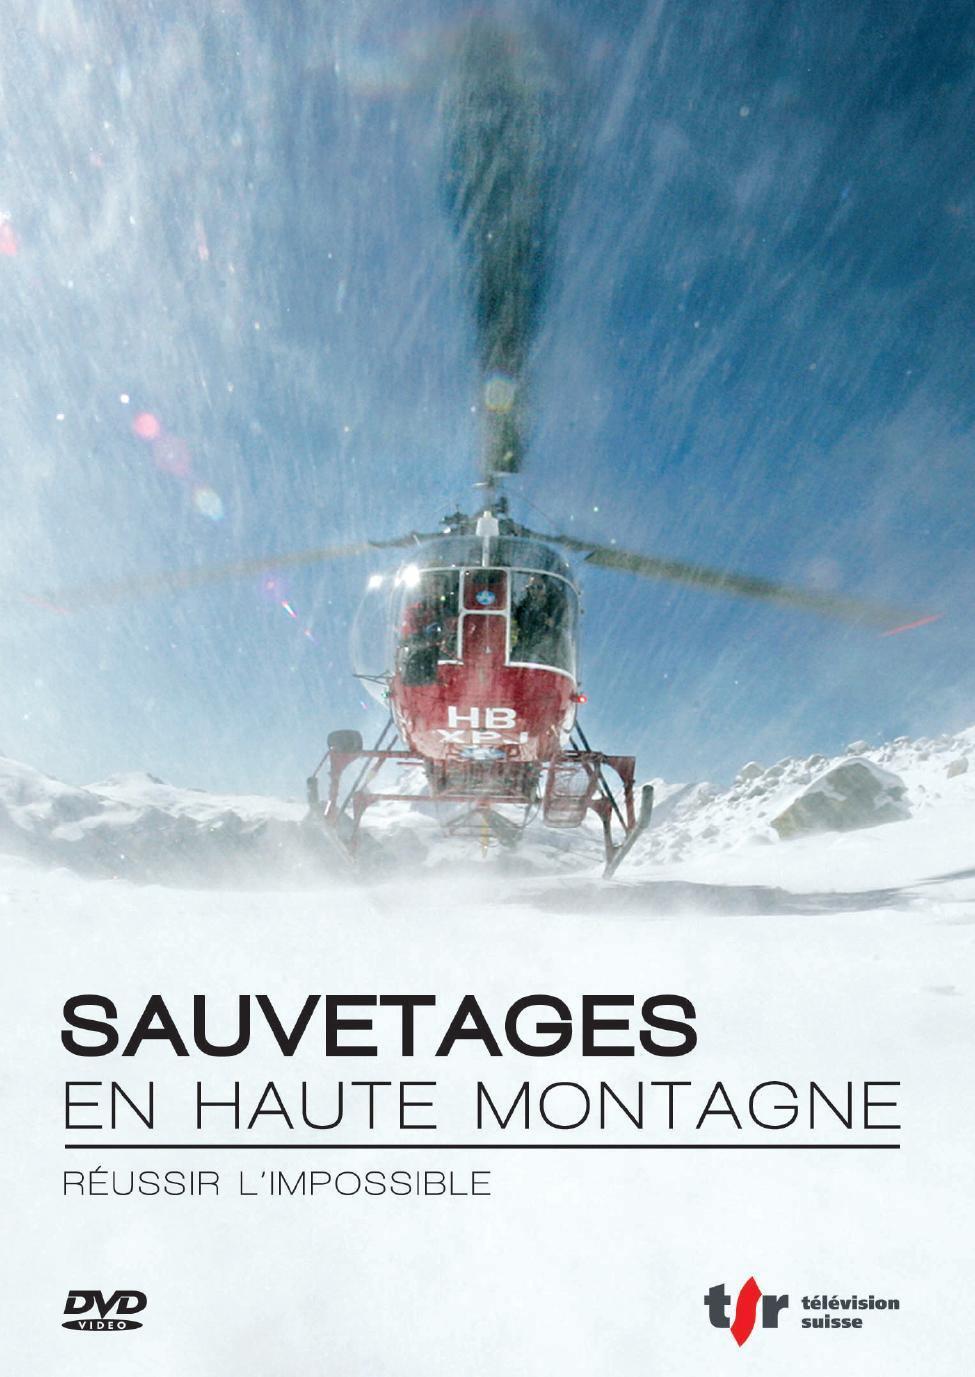 Sauvetages en hte montagne-dvd  ete